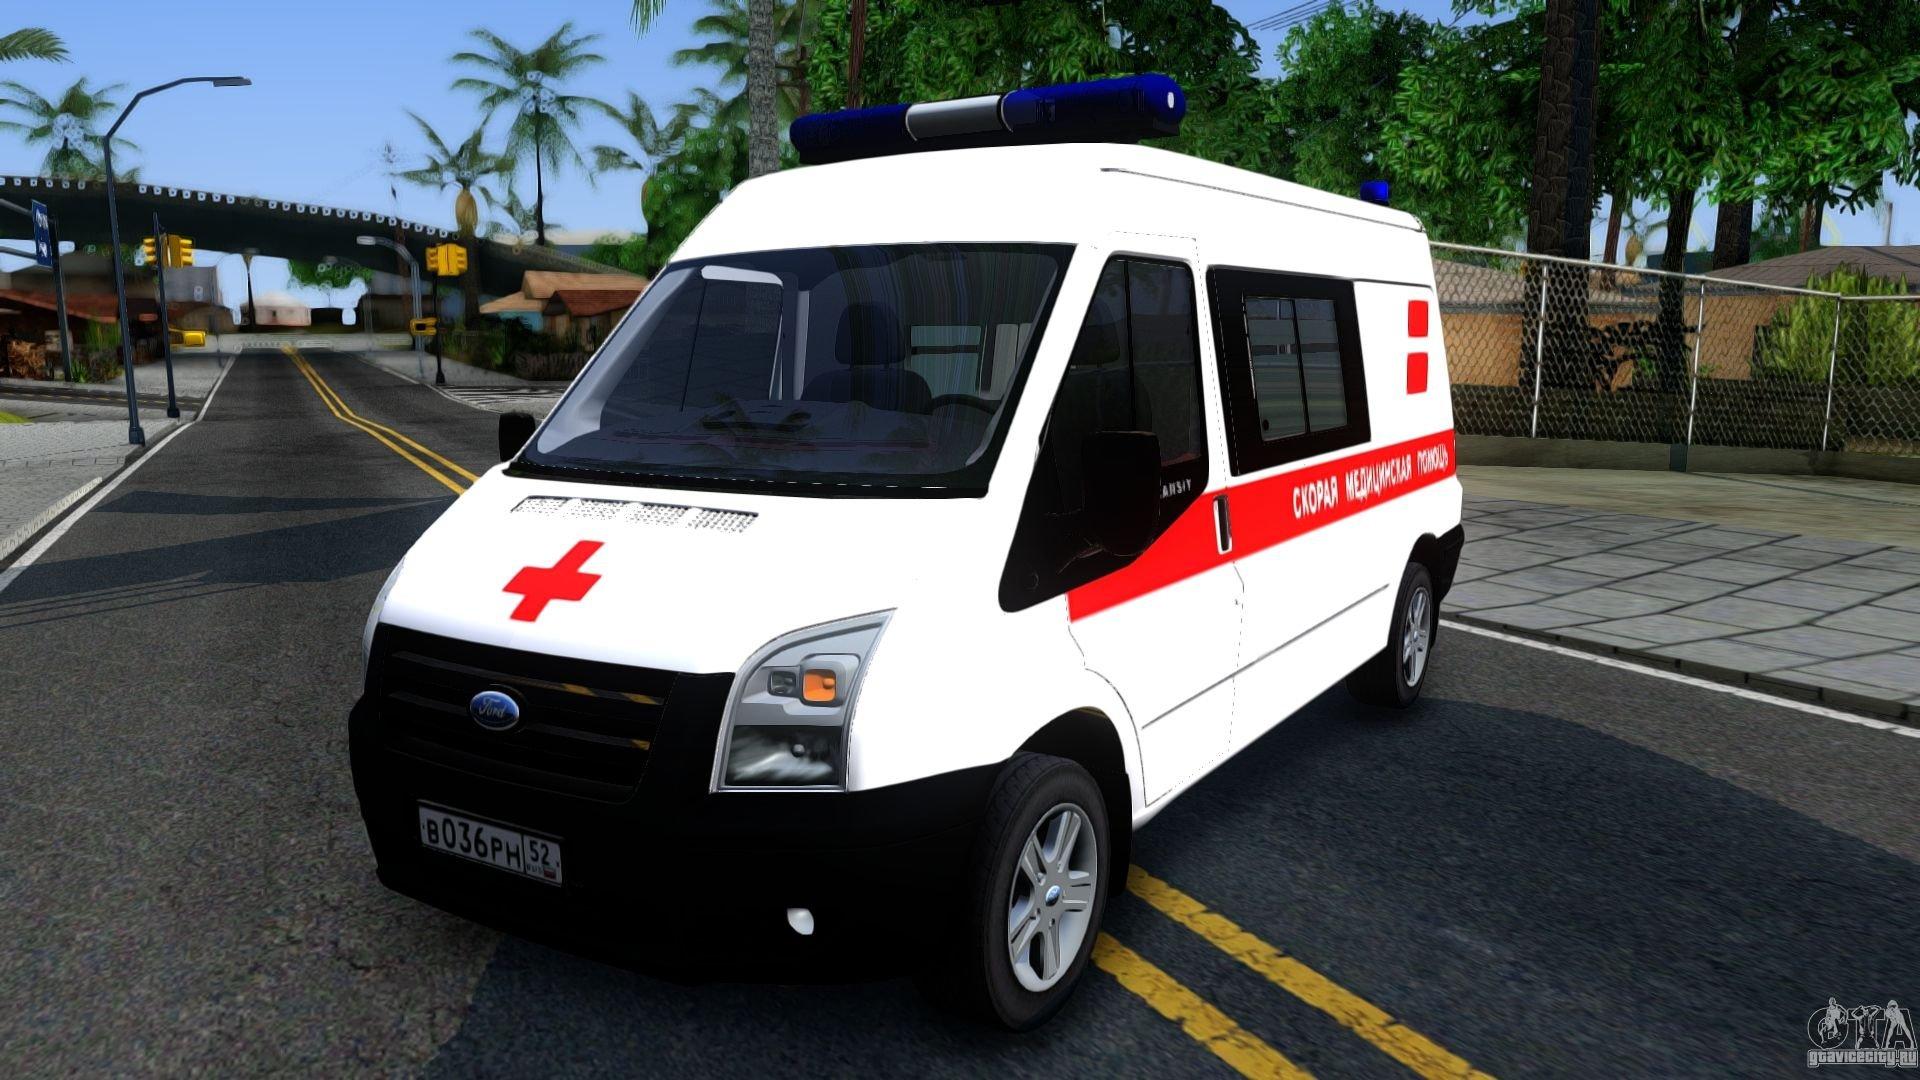 35 машин Форд Transit направились наслужбу скорой помощи вПерми